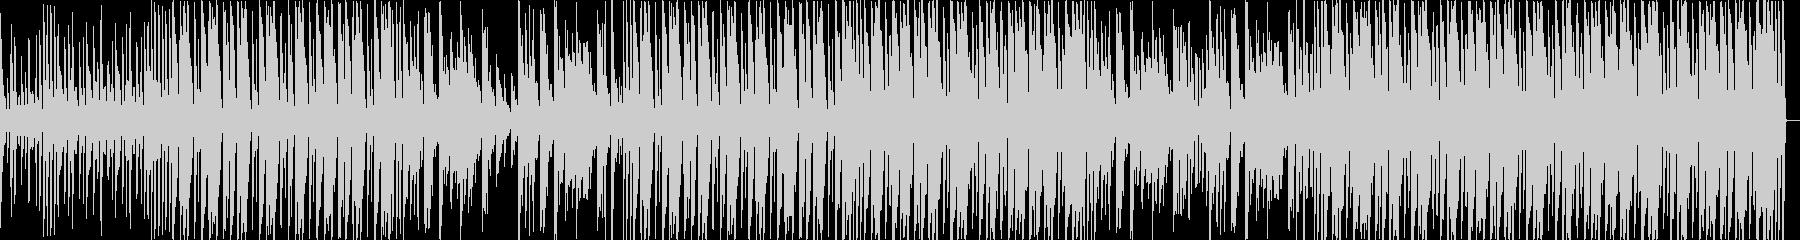 【60秒】ファンキーなブレイクビーツの未再生の波形